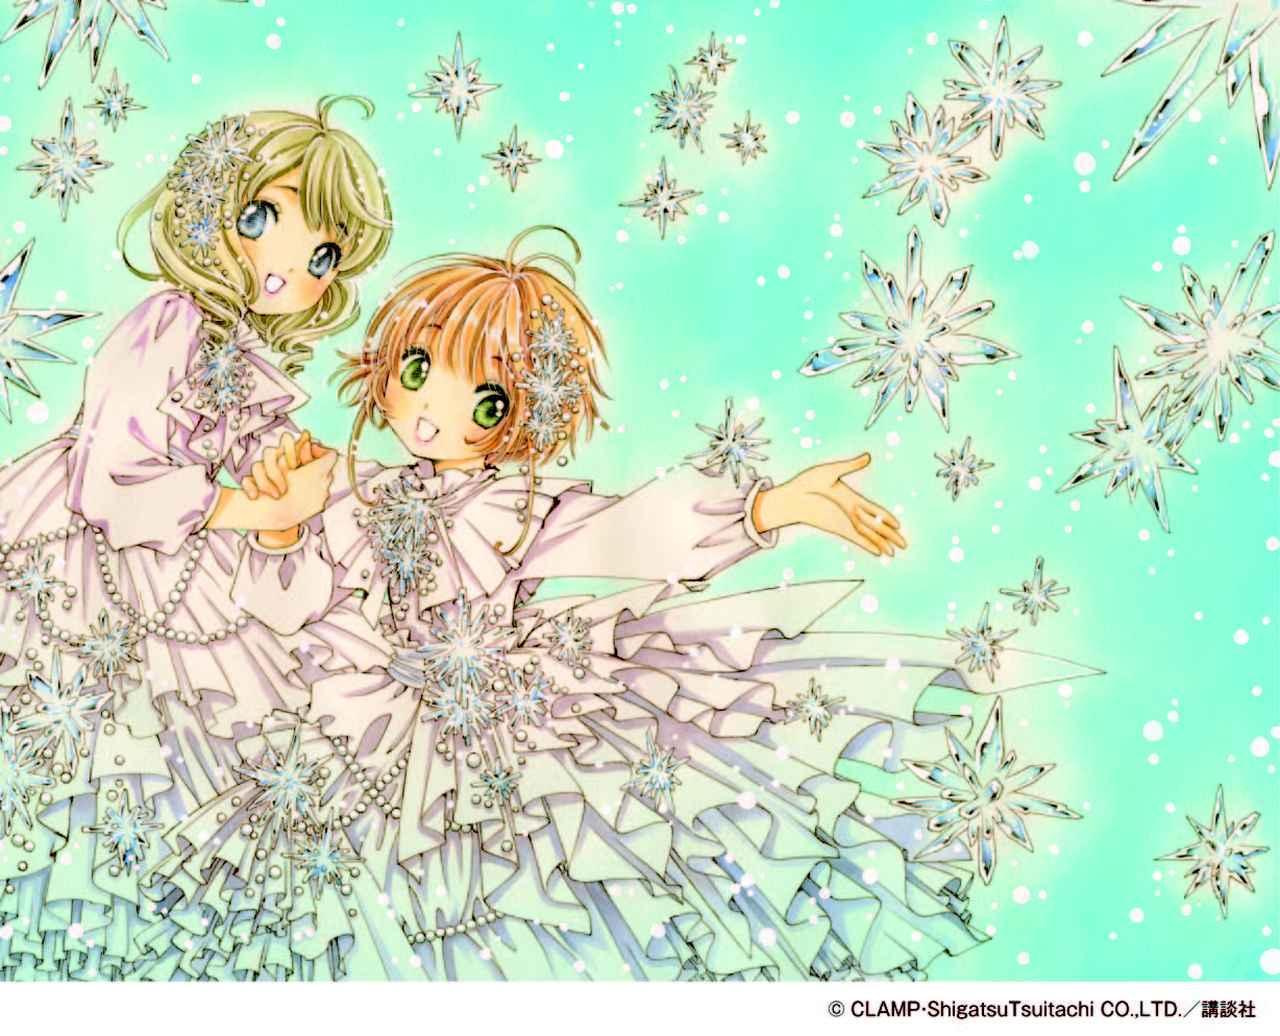 画像7: ©CLAMP・ShigatsuTsuitachi CO.,LTD./講談社 ©CLAMP・ShigatsuTsuitachi CO.,LTD./カードキャプターさくら展製作委員会